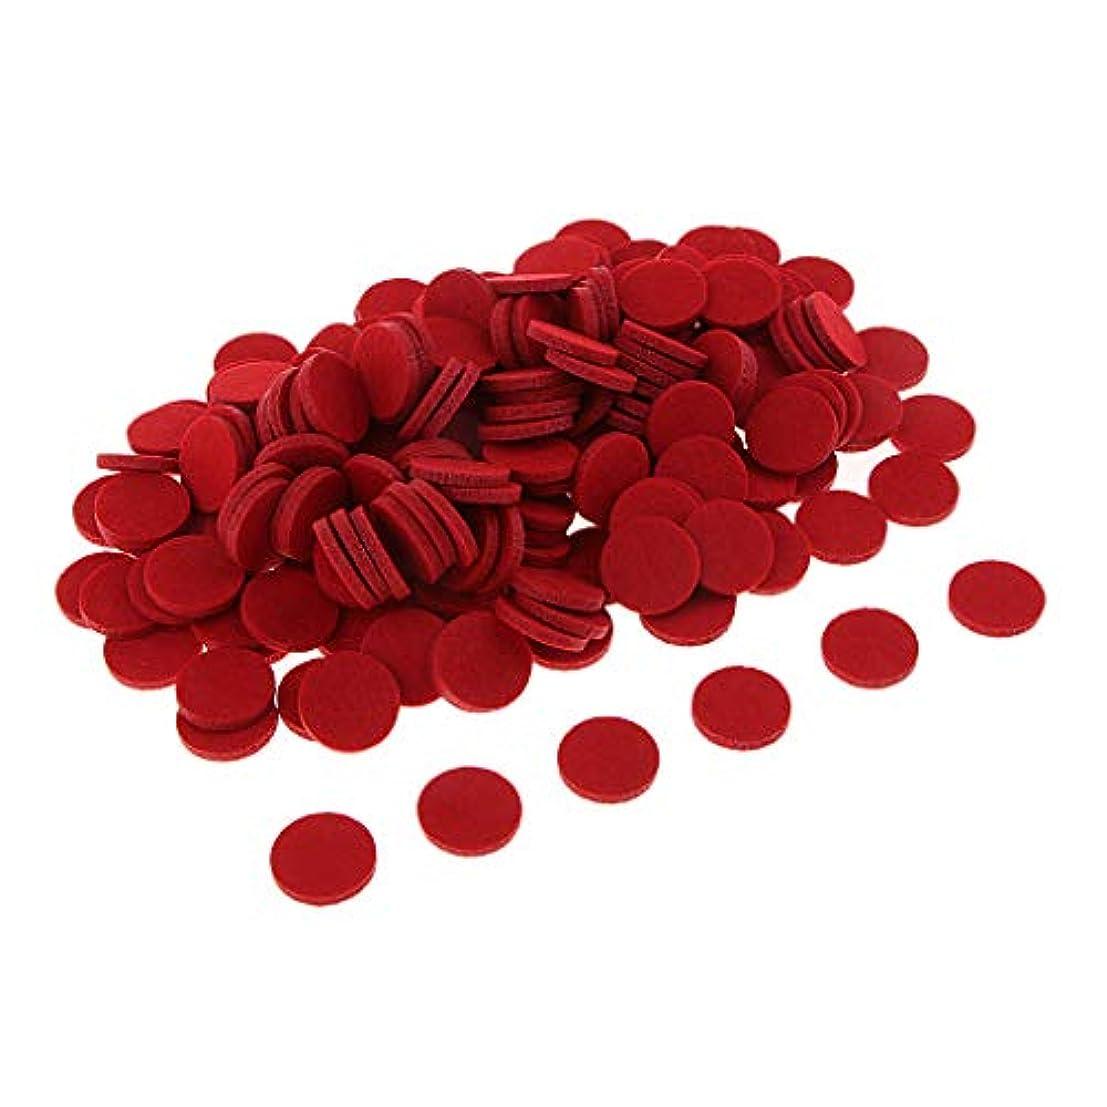 荒れ地マウントバンク電報ディフューザー パッド アロマパッド エッセンシャルオイル 洗える 約200個入り 全11色 - 赤